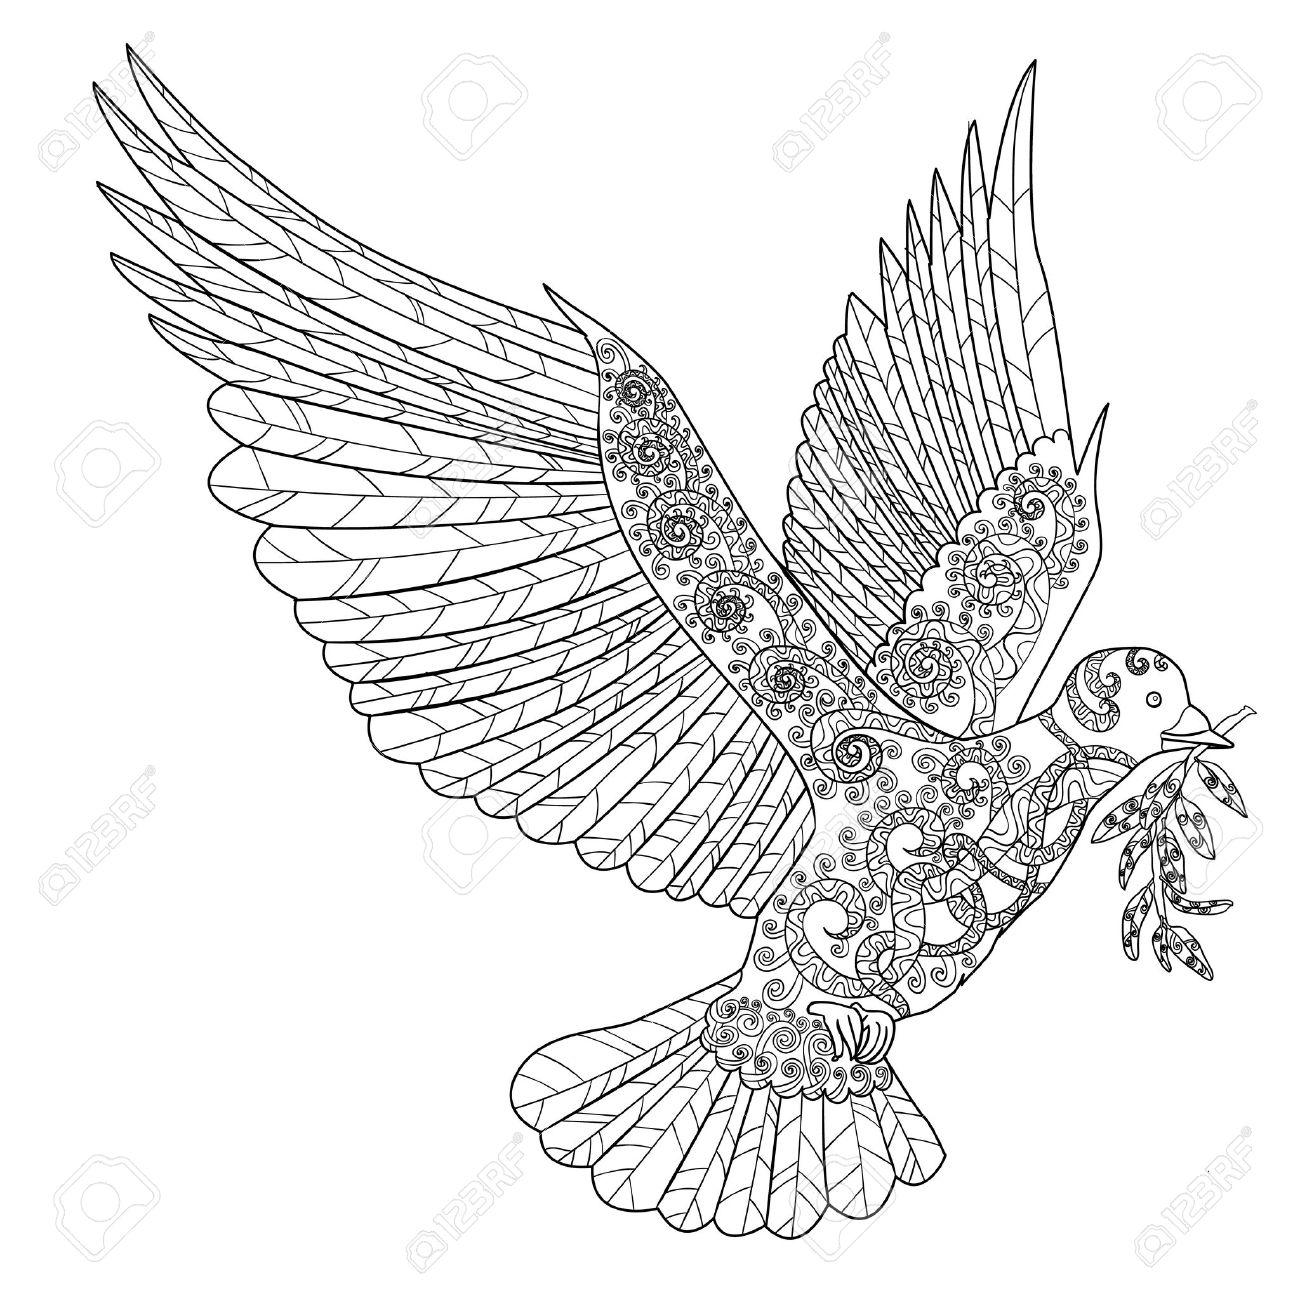 Kleurplaten Vliegende Vogels.Luxe Kleurplaten Volwassenen Vogels Krijg Duizenden Kleurenfoto S